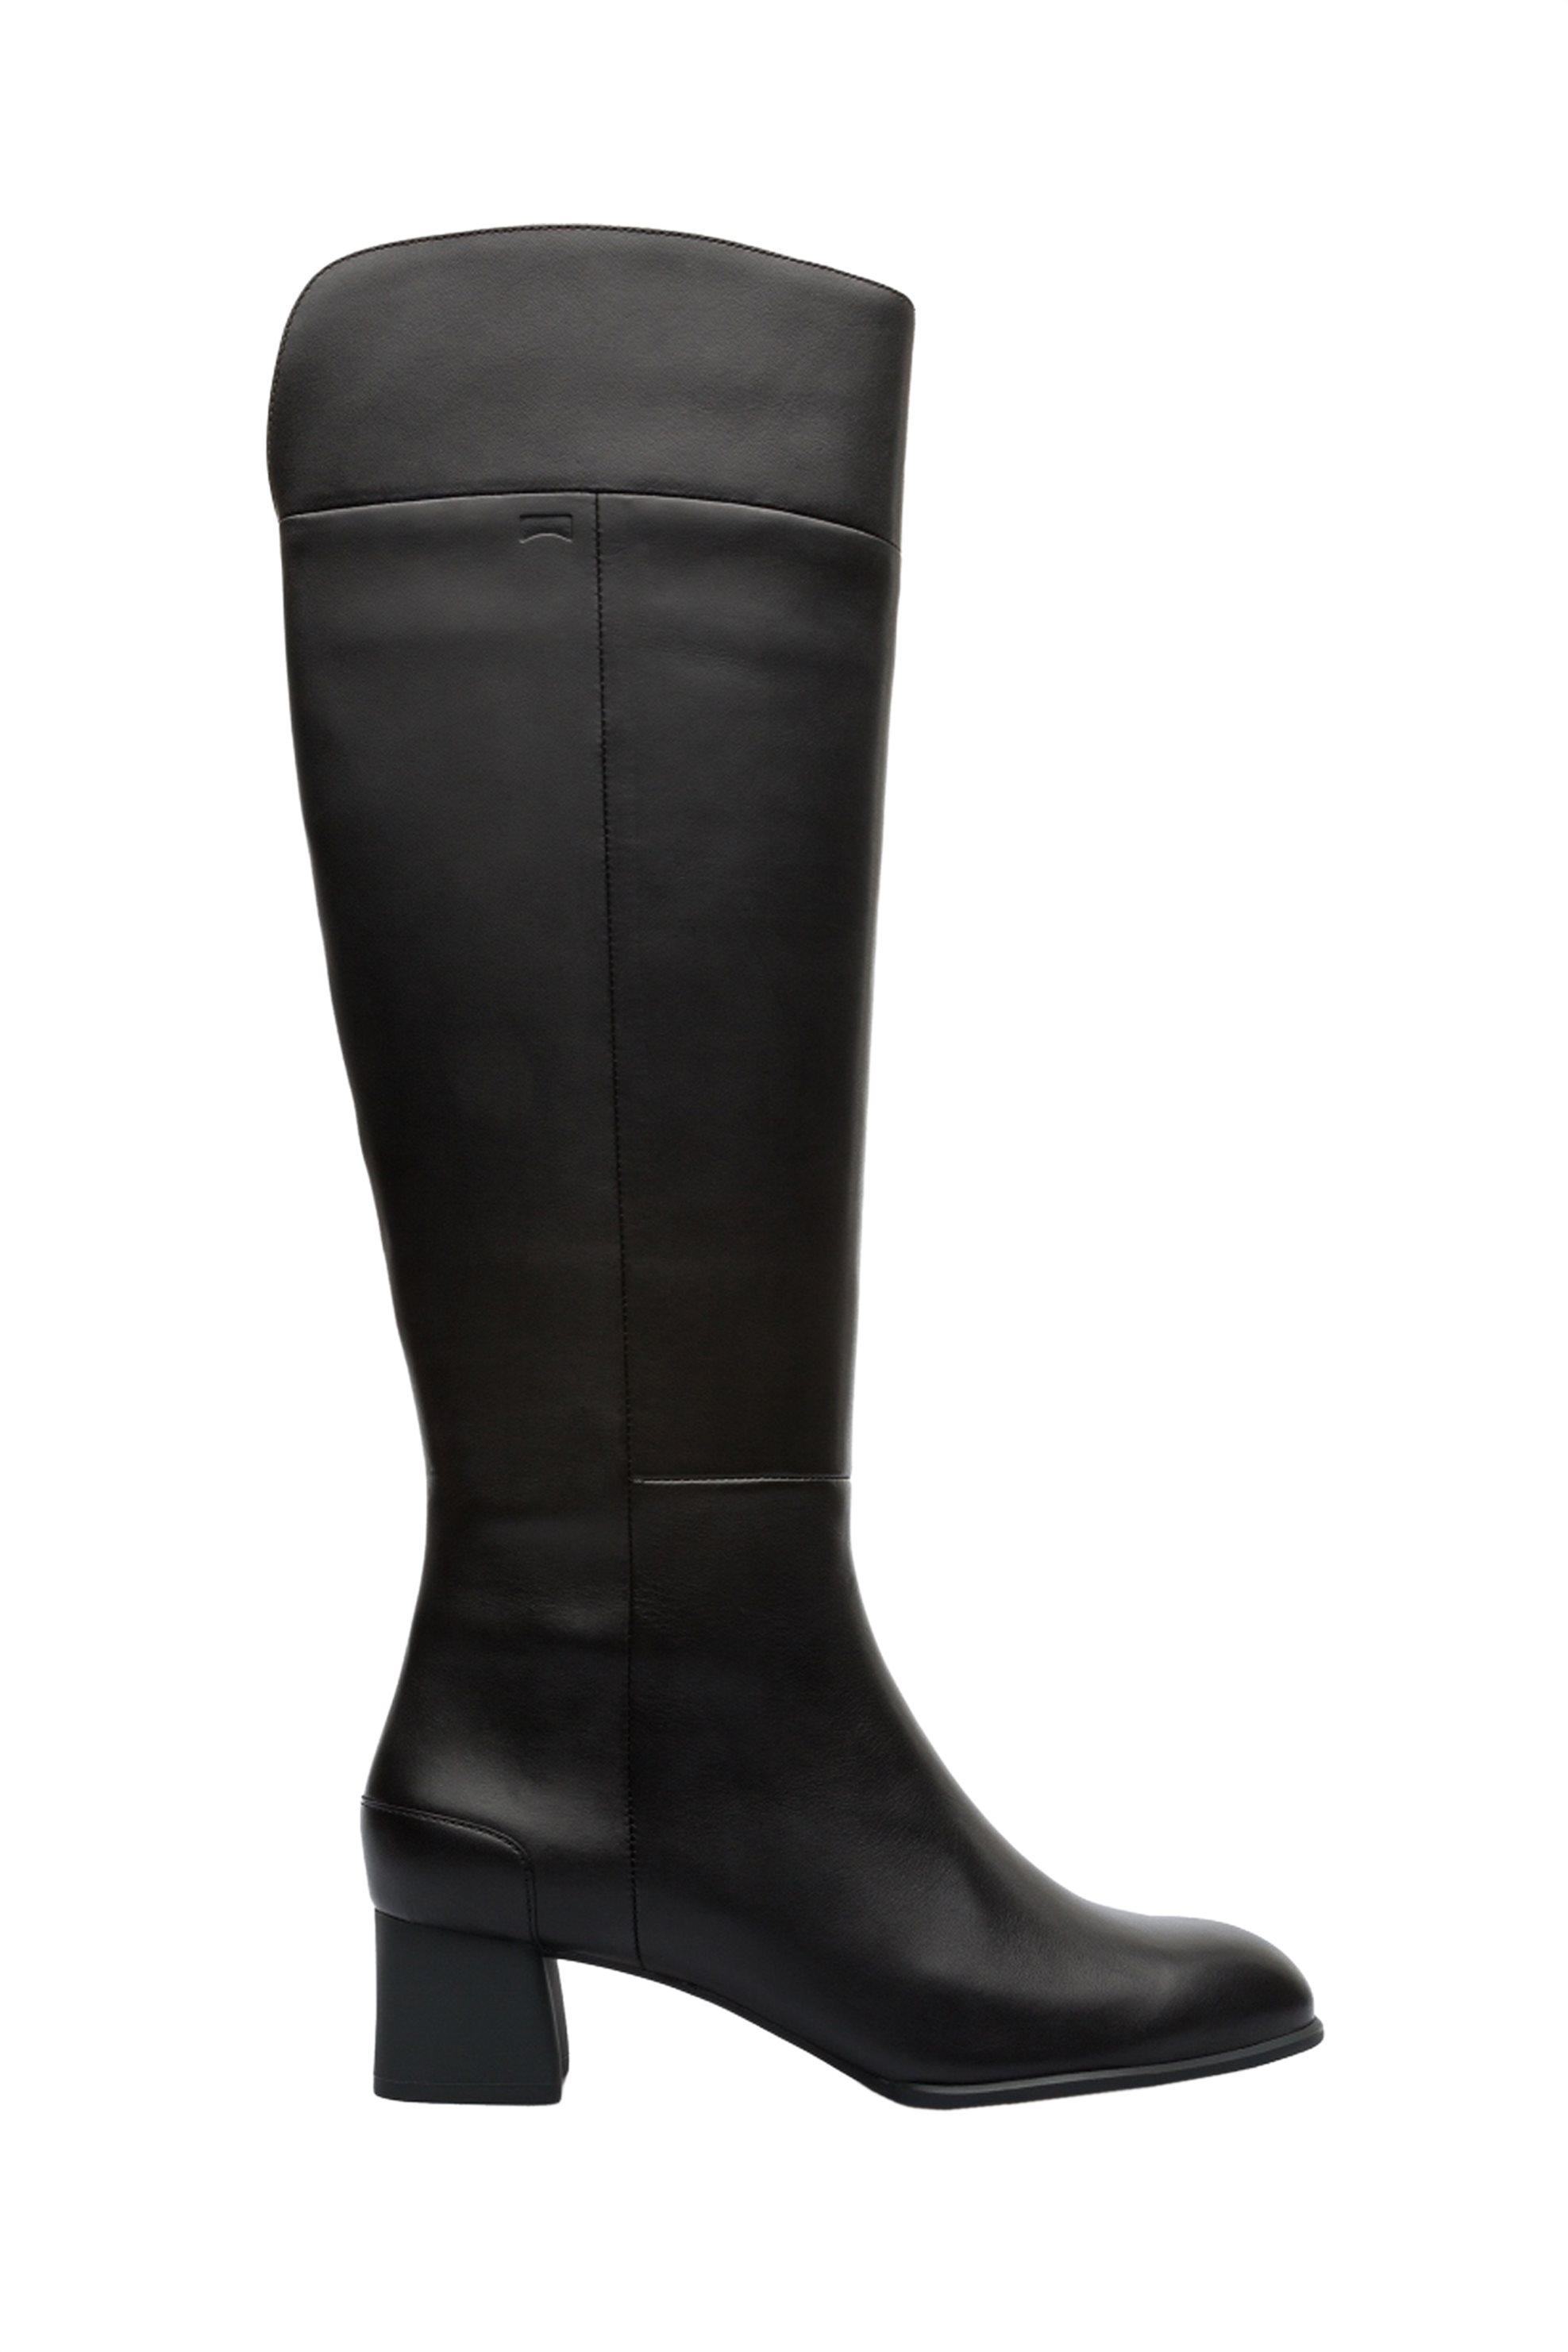 Camper γυναικείες δερμάτινες μπότες μέχρι το γόνατο Katie - K400340-001 - Μαύρο